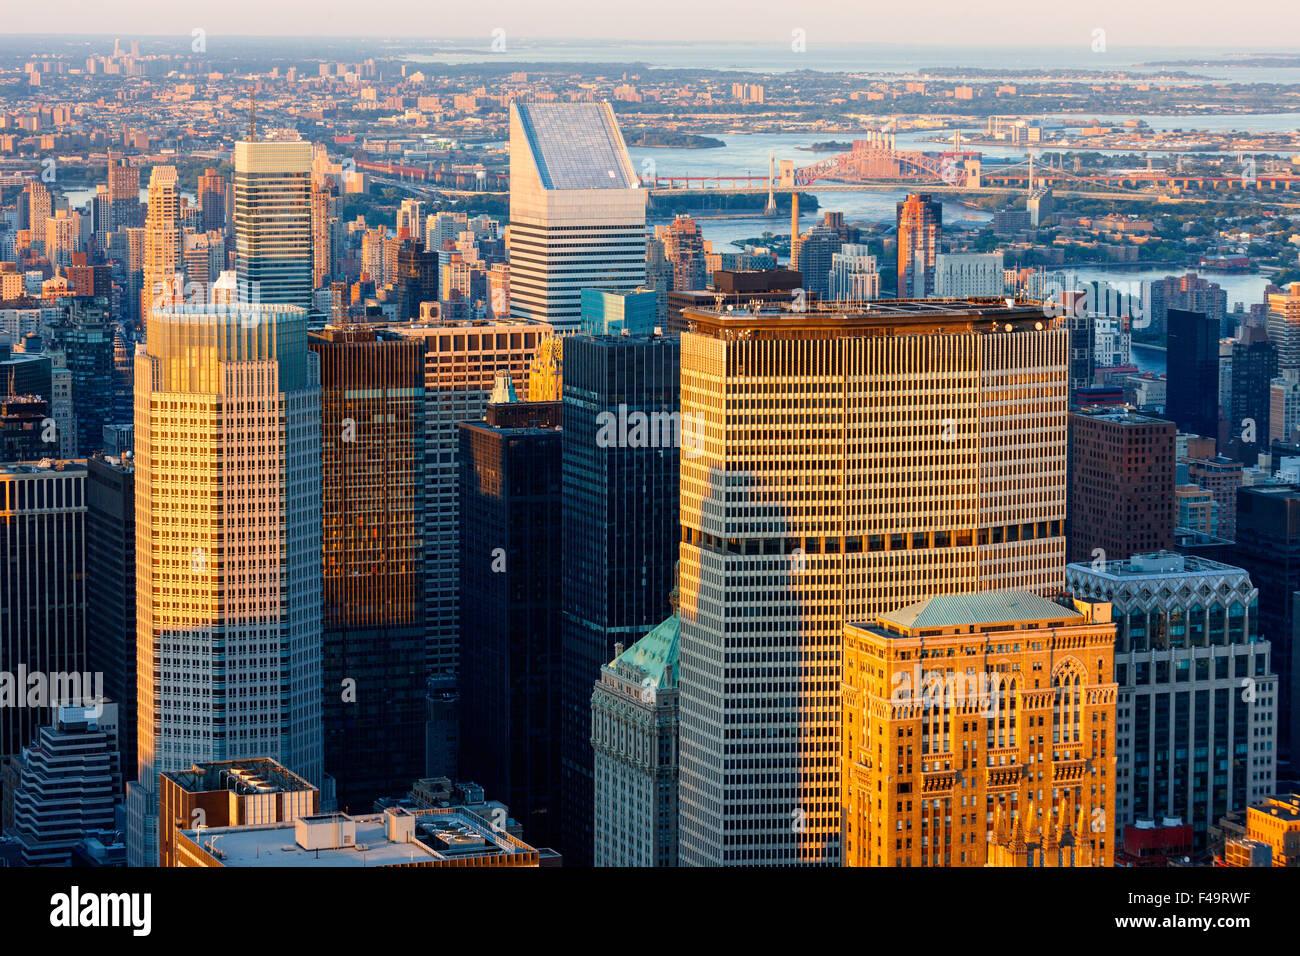 Vista aerea del centro cittadino di Manhattan grattacieli al tramonto. New York skyline della citta'. Stati Uniti Foto Stock